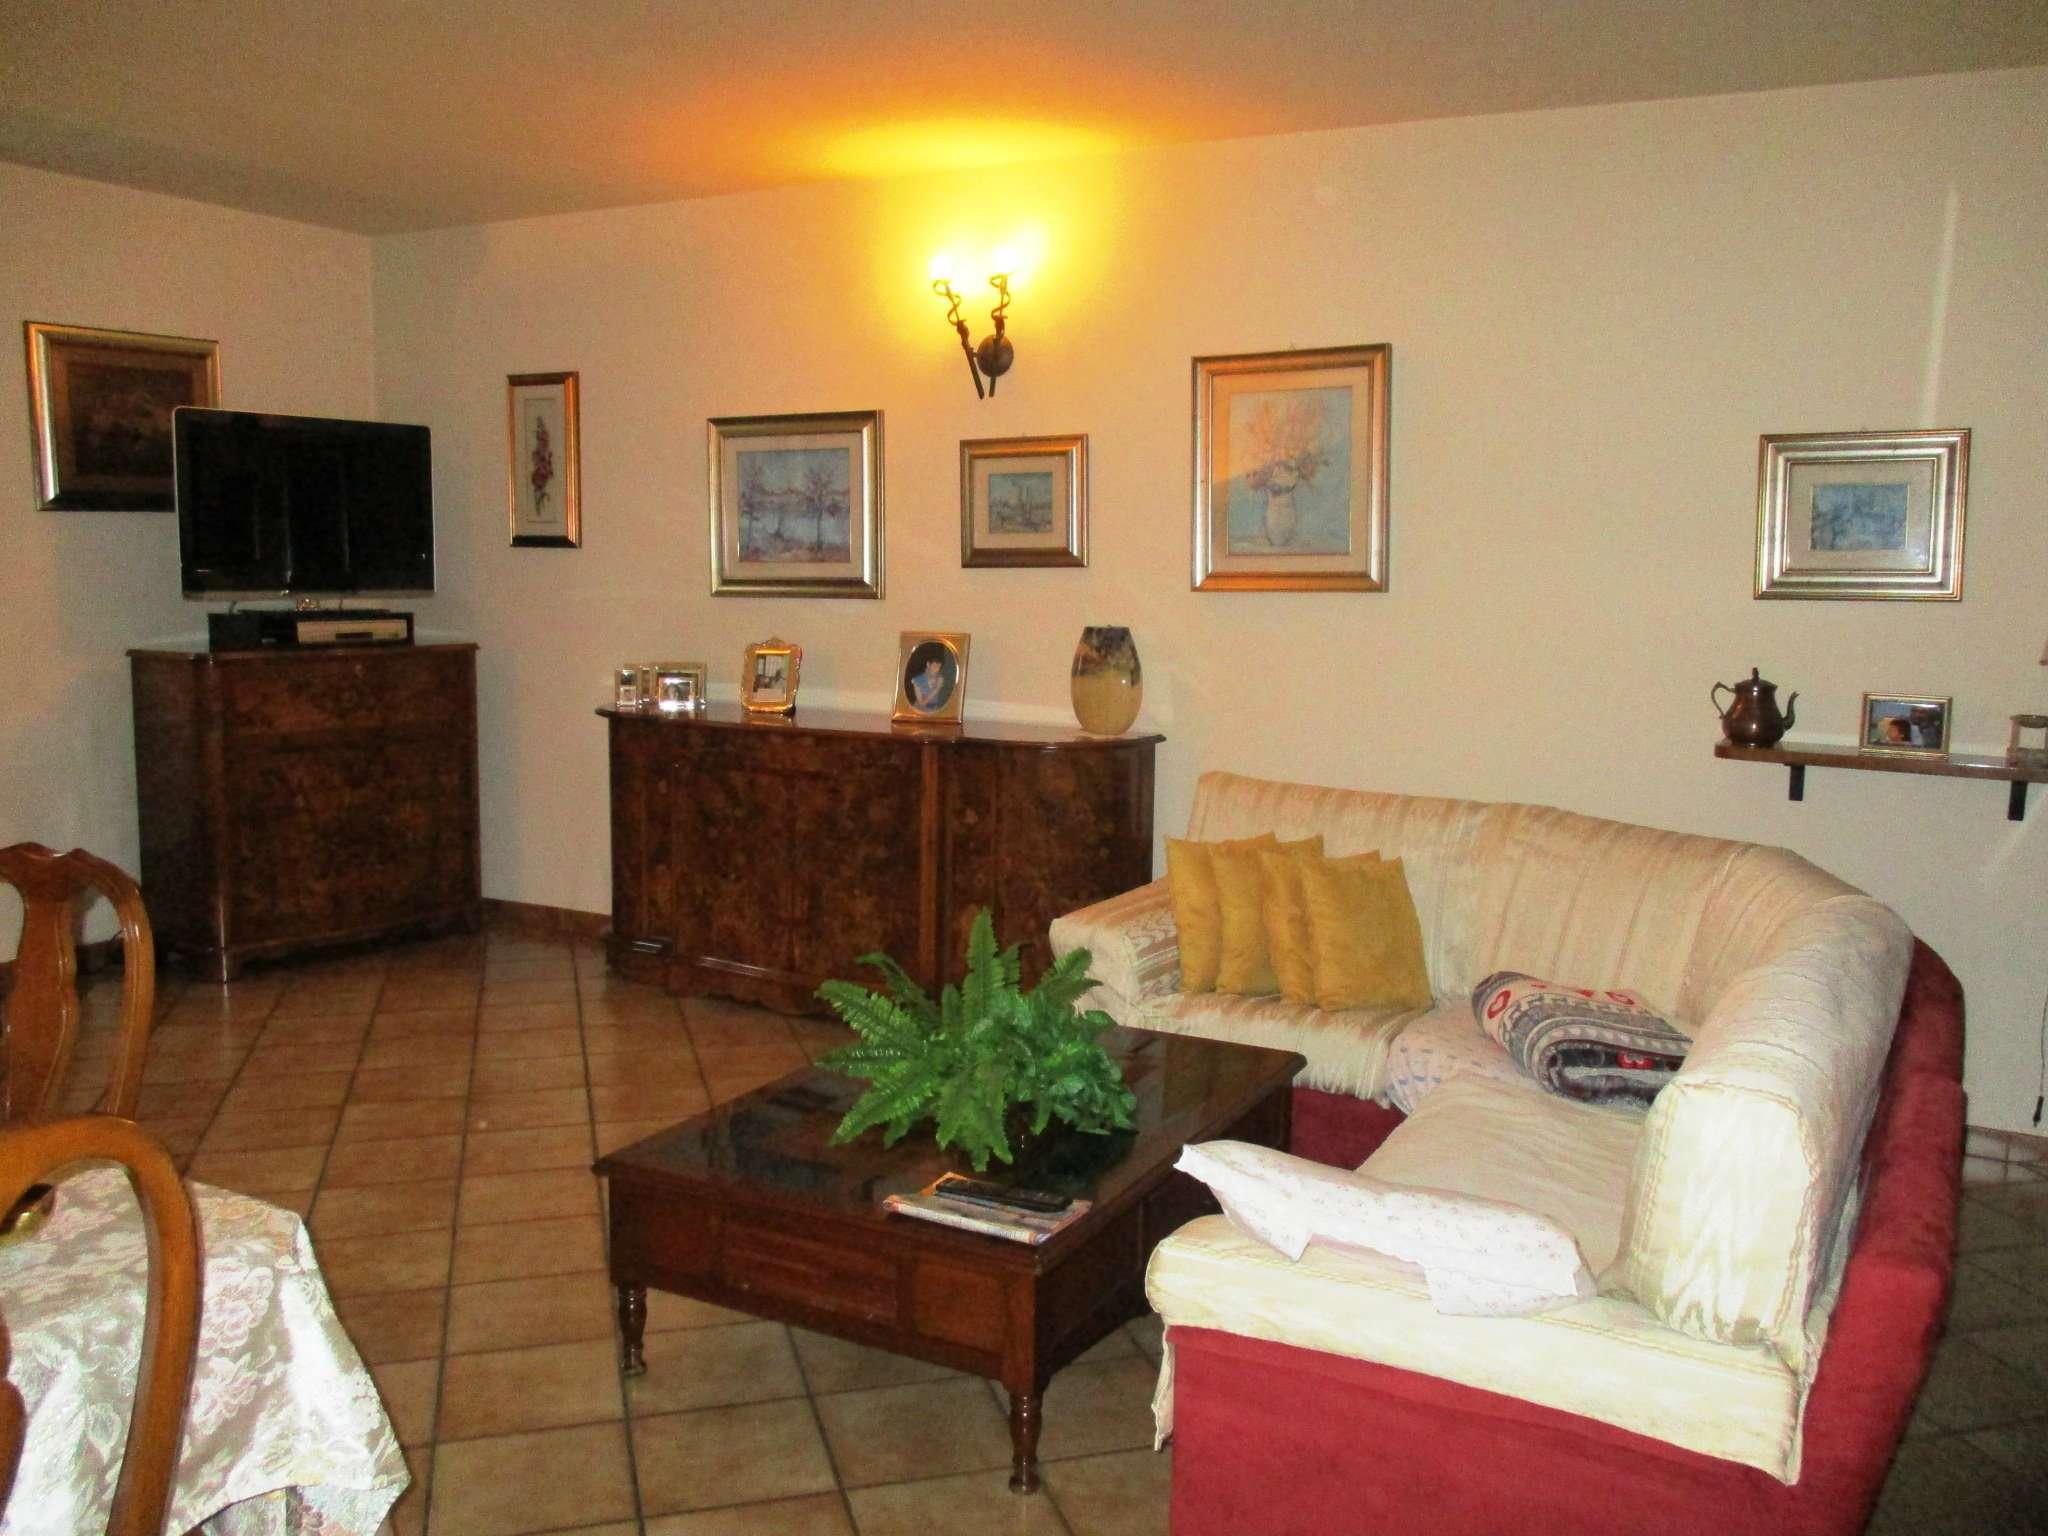 Villa in vendita a Treviglio, 5 locali, prezzo € 315.000 | CambioCasa.it